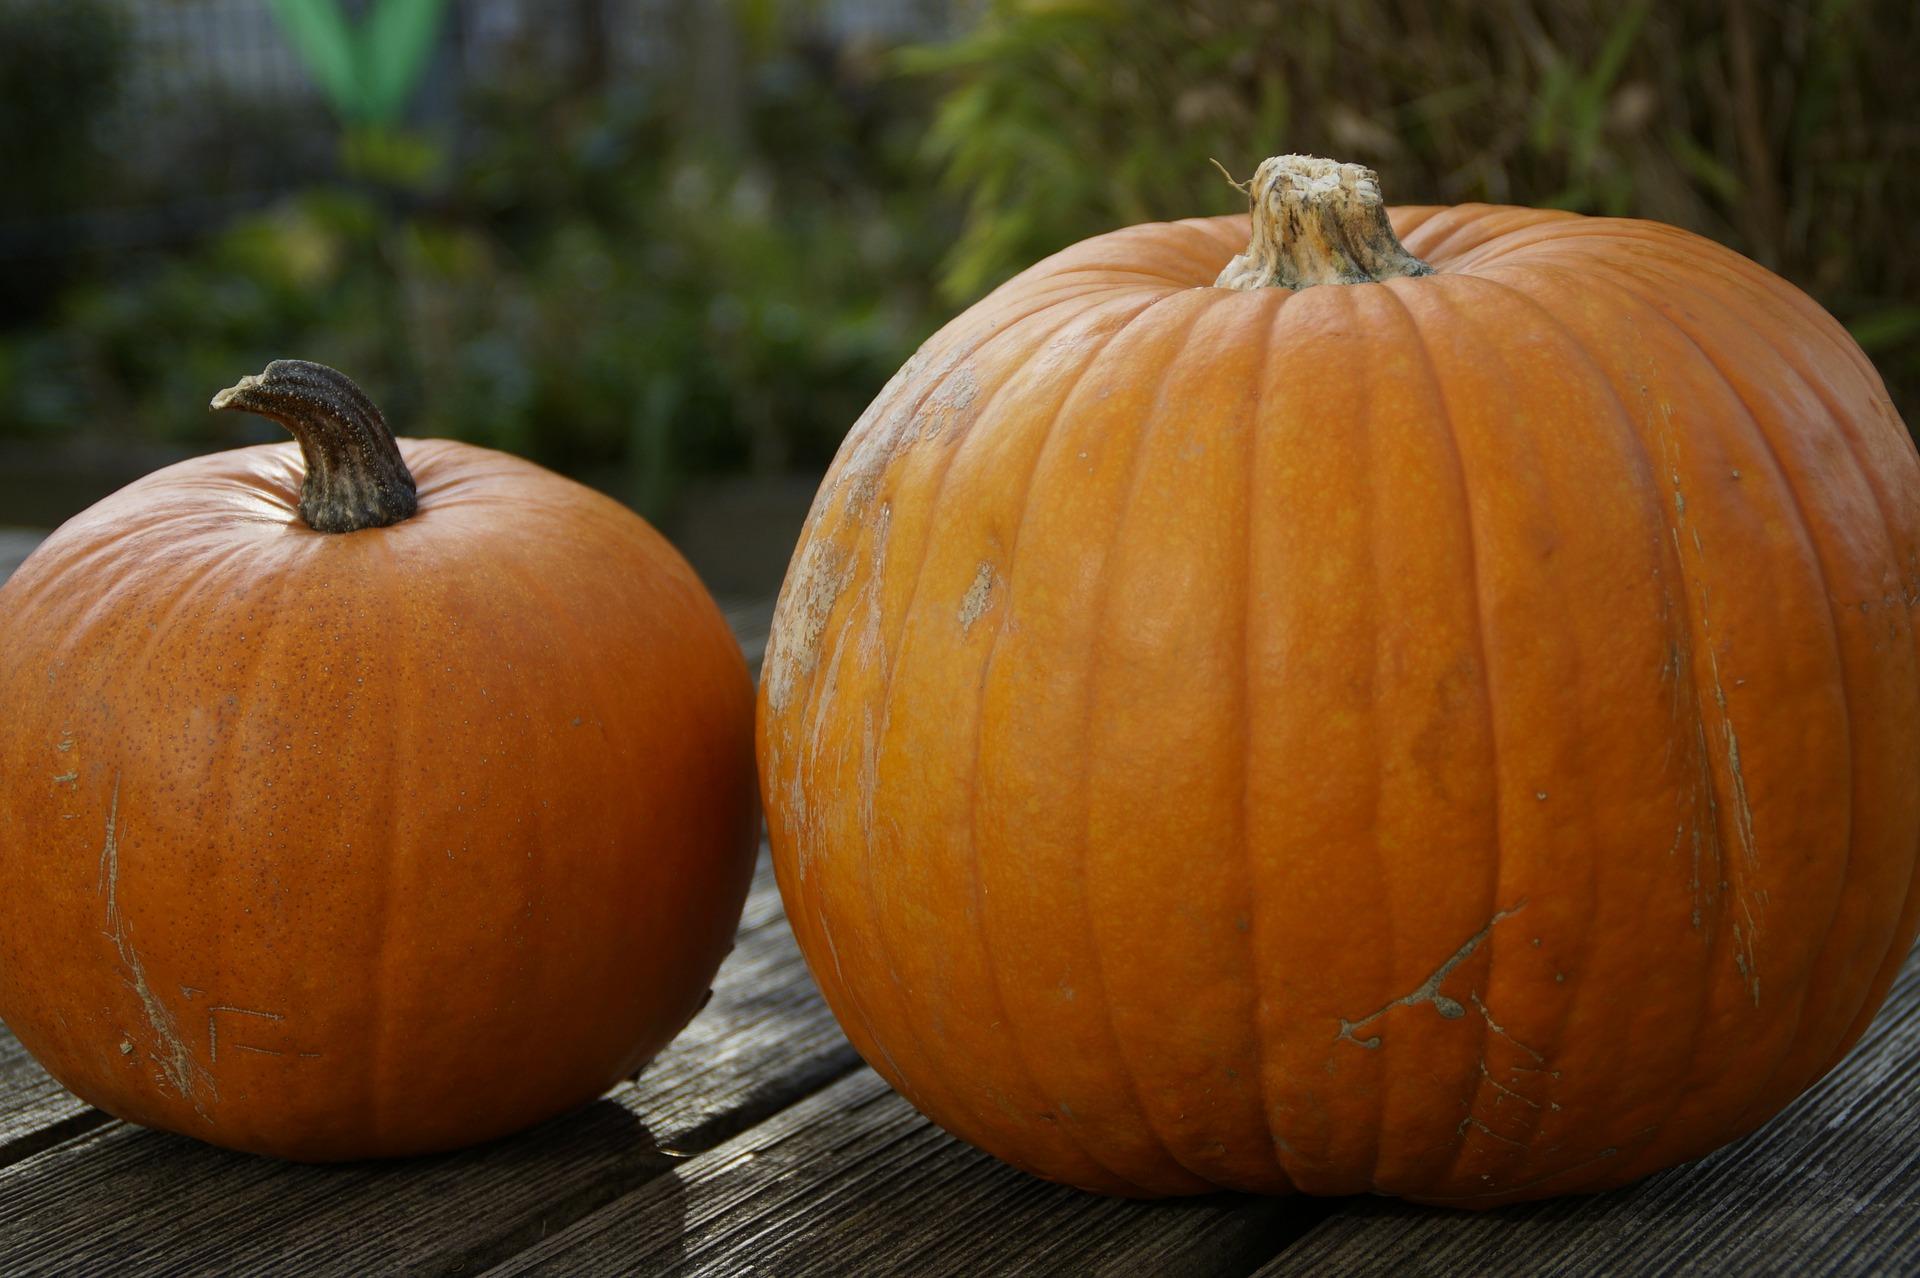 pumpkin-201088_1920.jpg